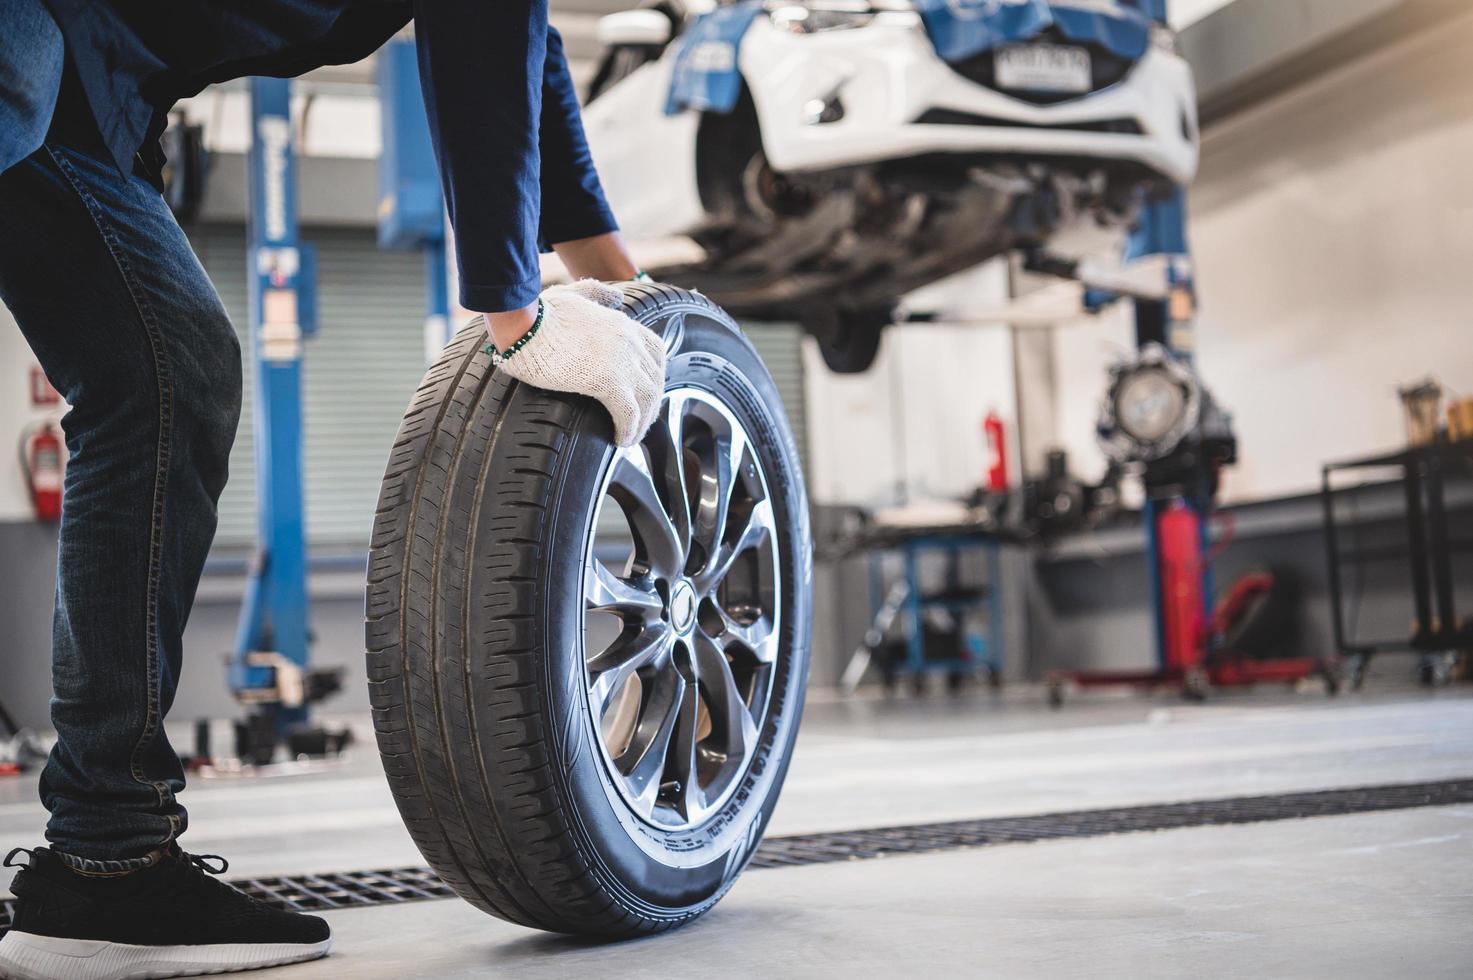 männlicher Mechaniker rollender Reifen foto